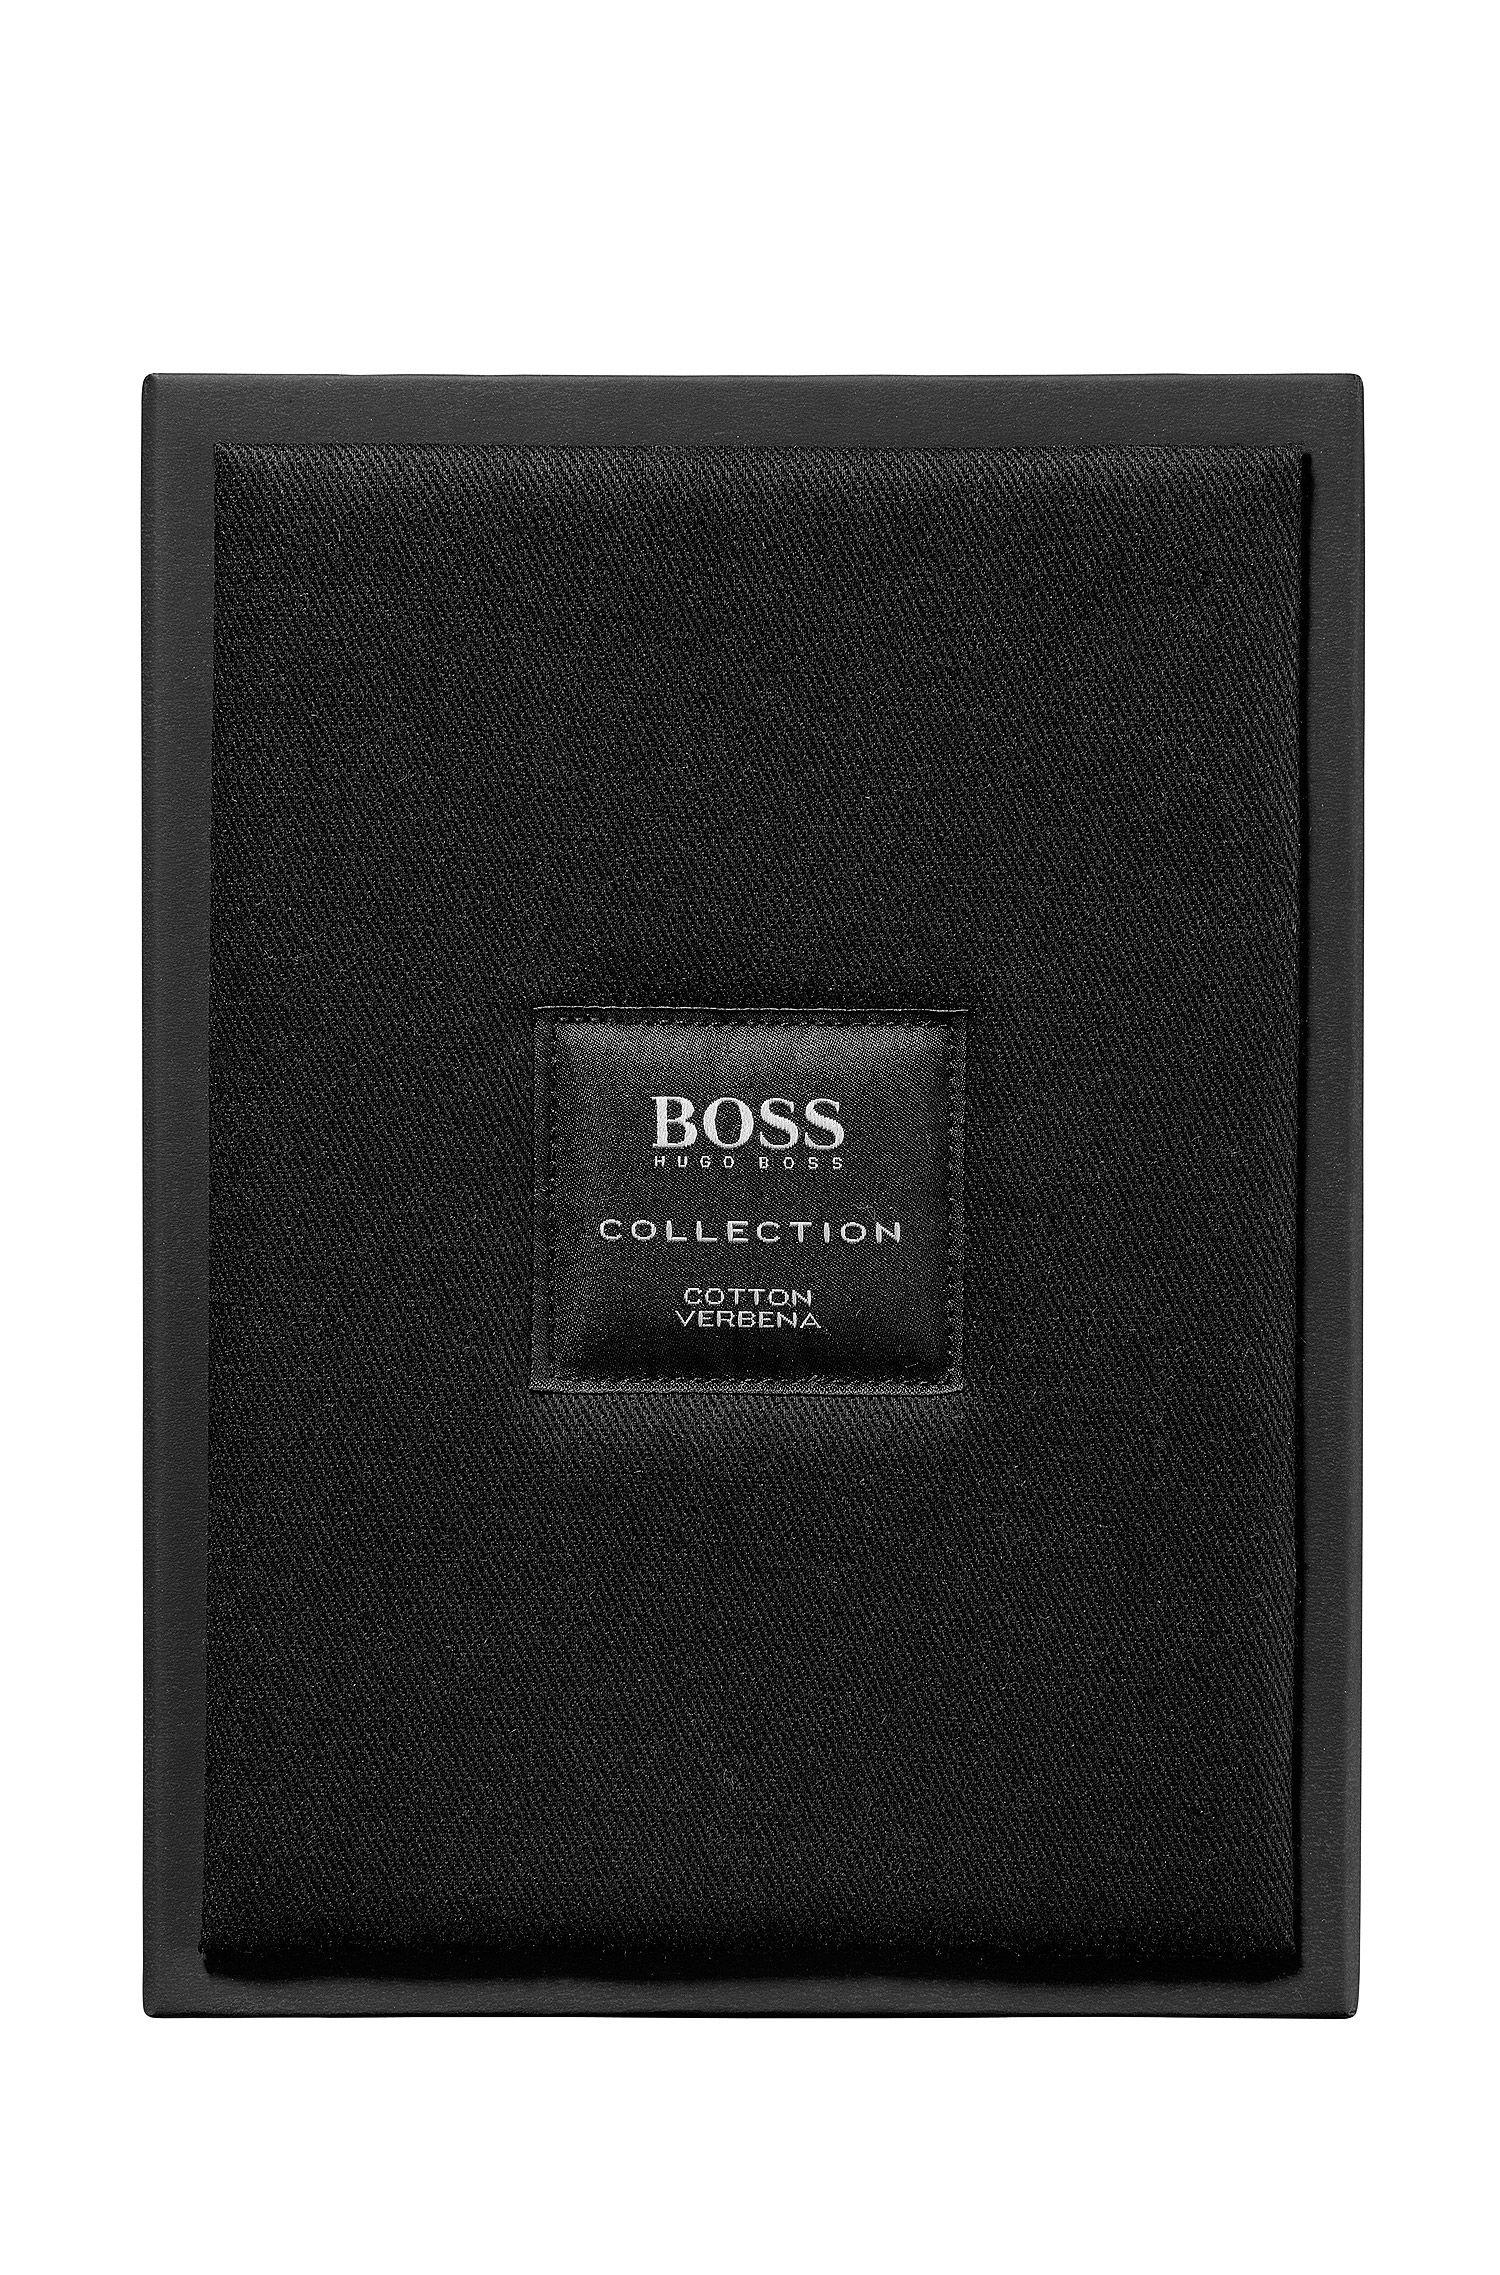 BOSS The Collection - Cotton Verbena Eau de Parfum